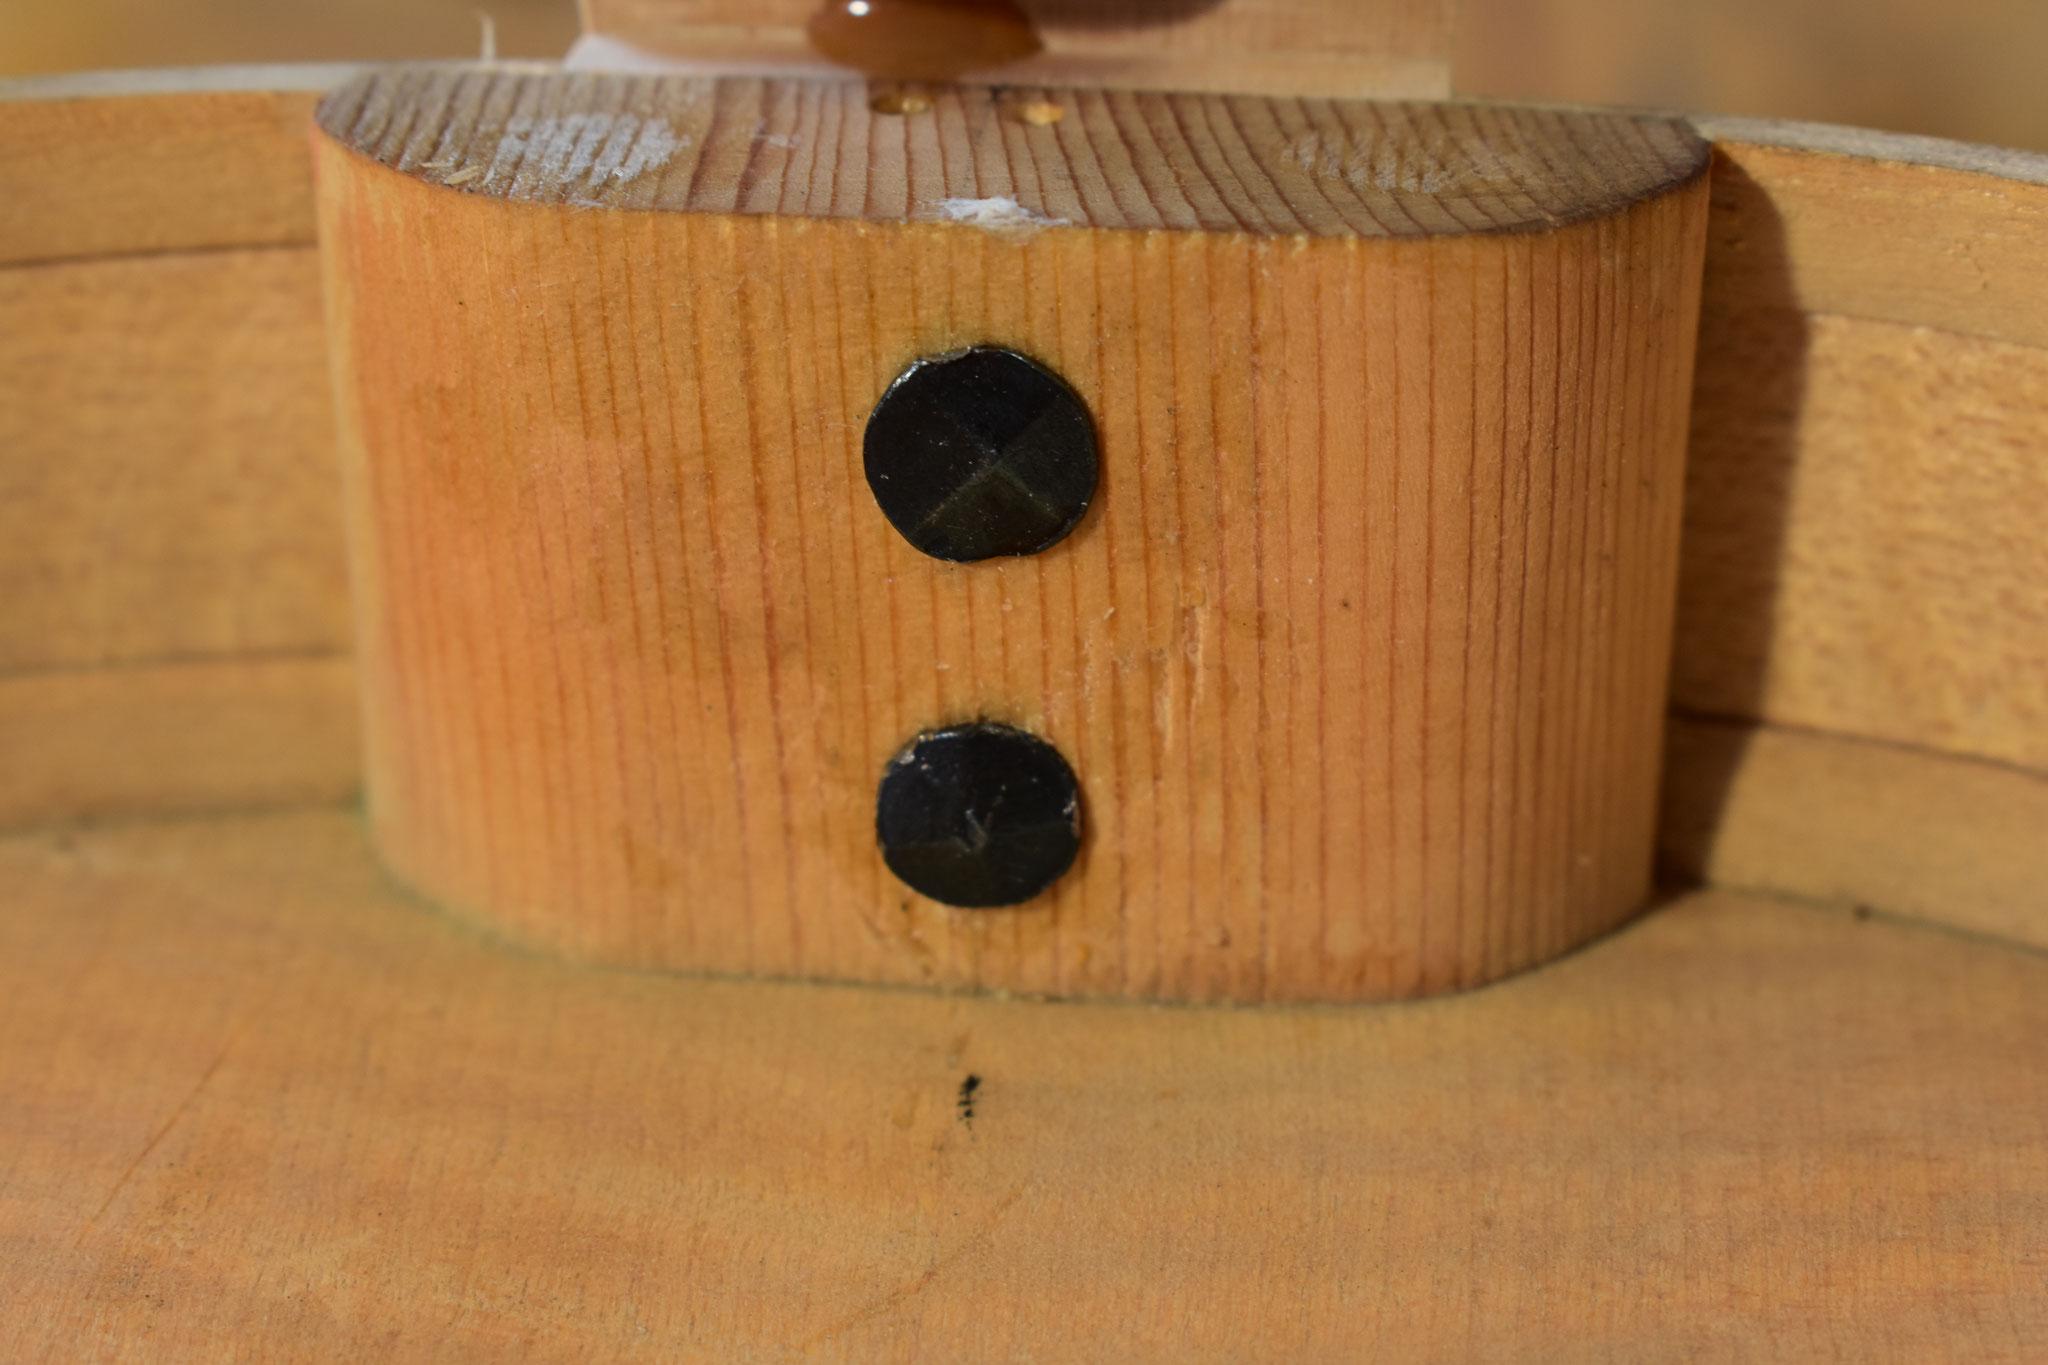 Zur Verstärkung der Verbindung werden Nägel durch den Oberklotz in den Hals getrieben.